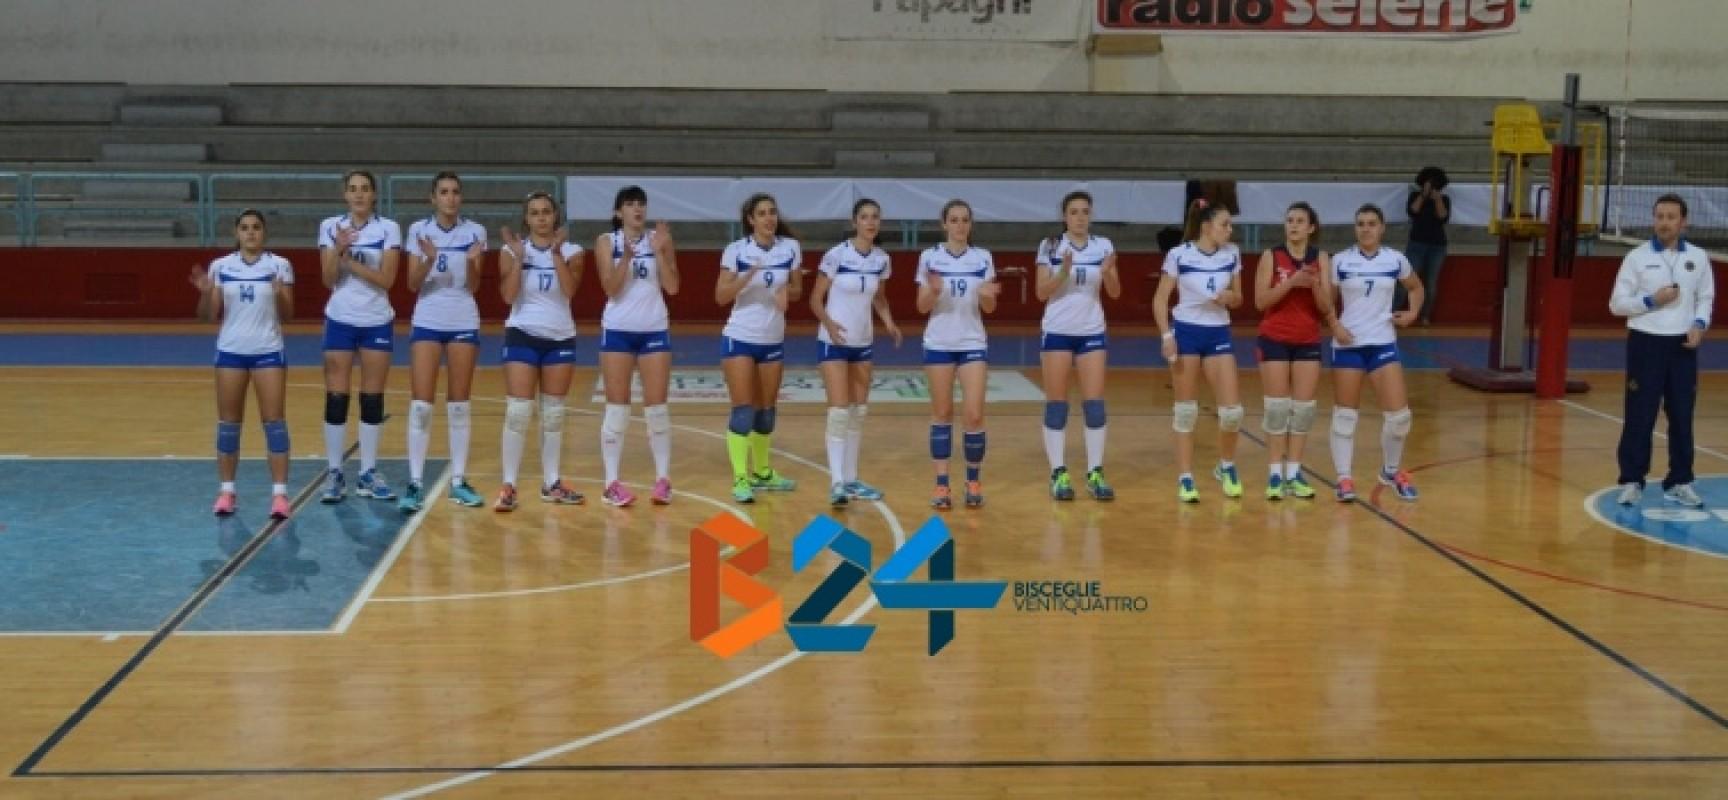 Sportilia vuole continuare a stupire: al PalaDolmen arriva il Cuti Volley